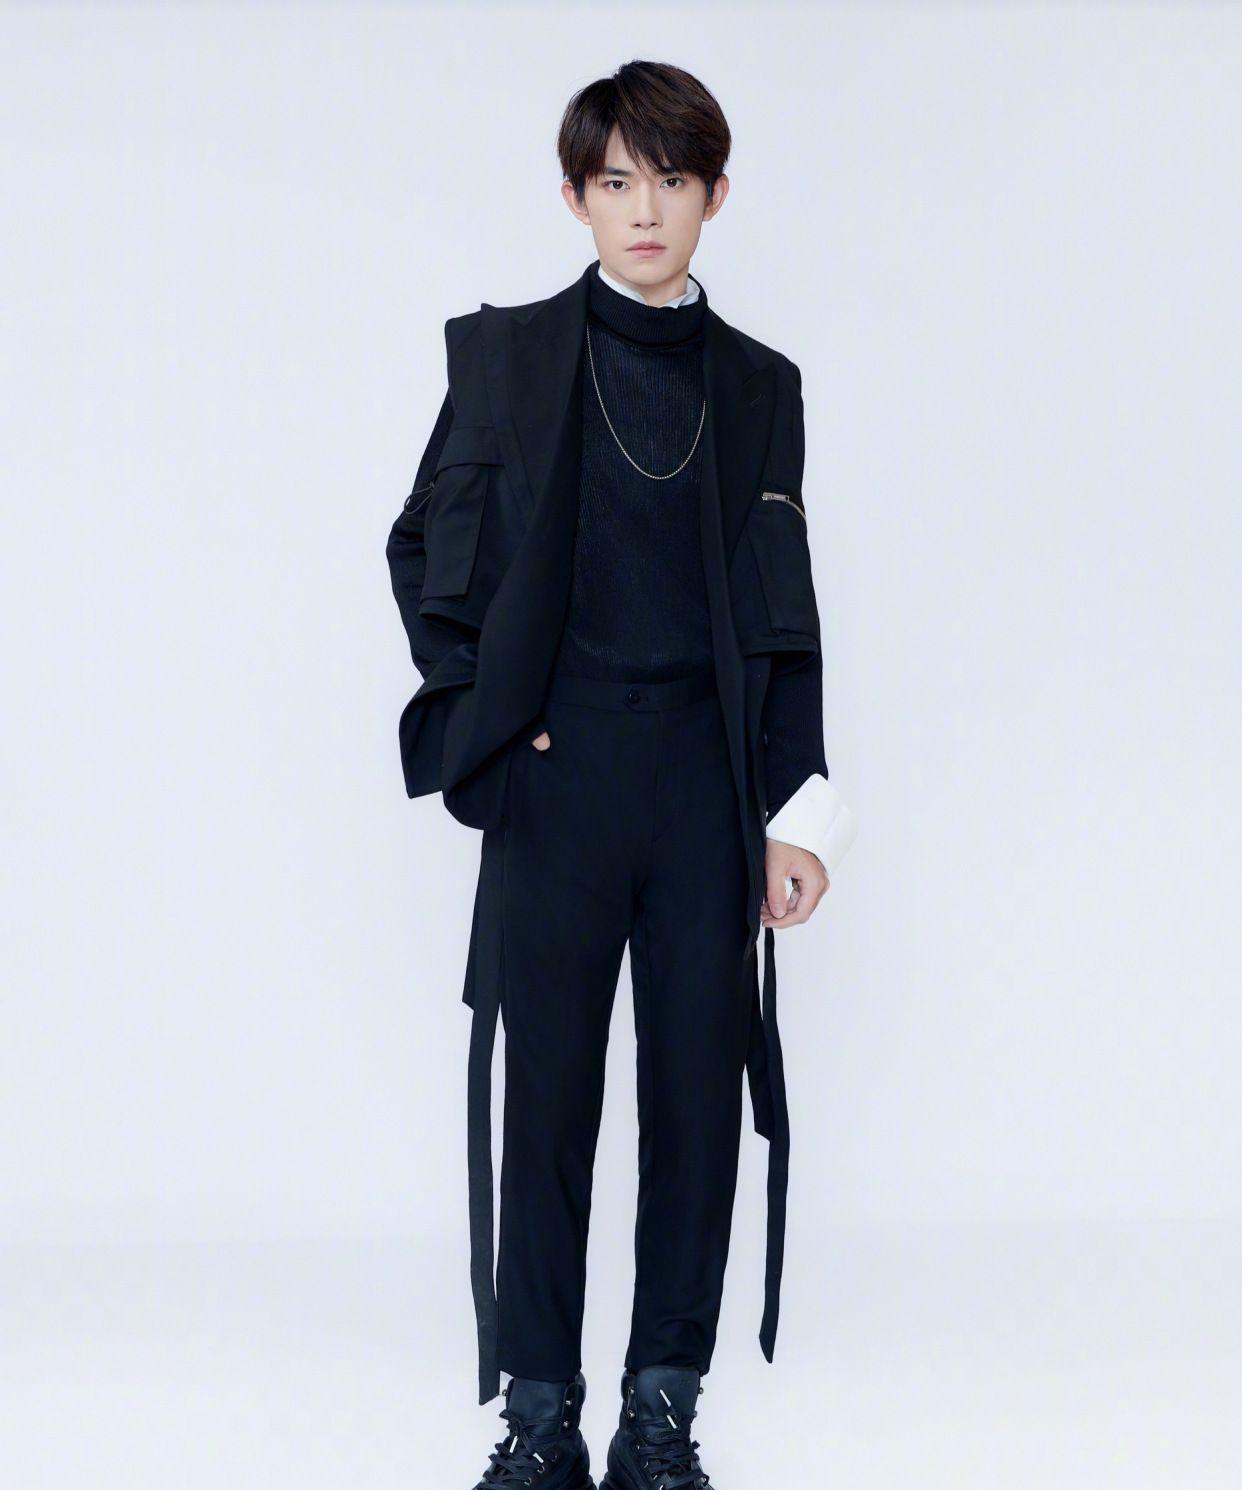 易烊千玺拍宣传片,穿立领衬衫配黑色拉链西装,帅气精致又时髦